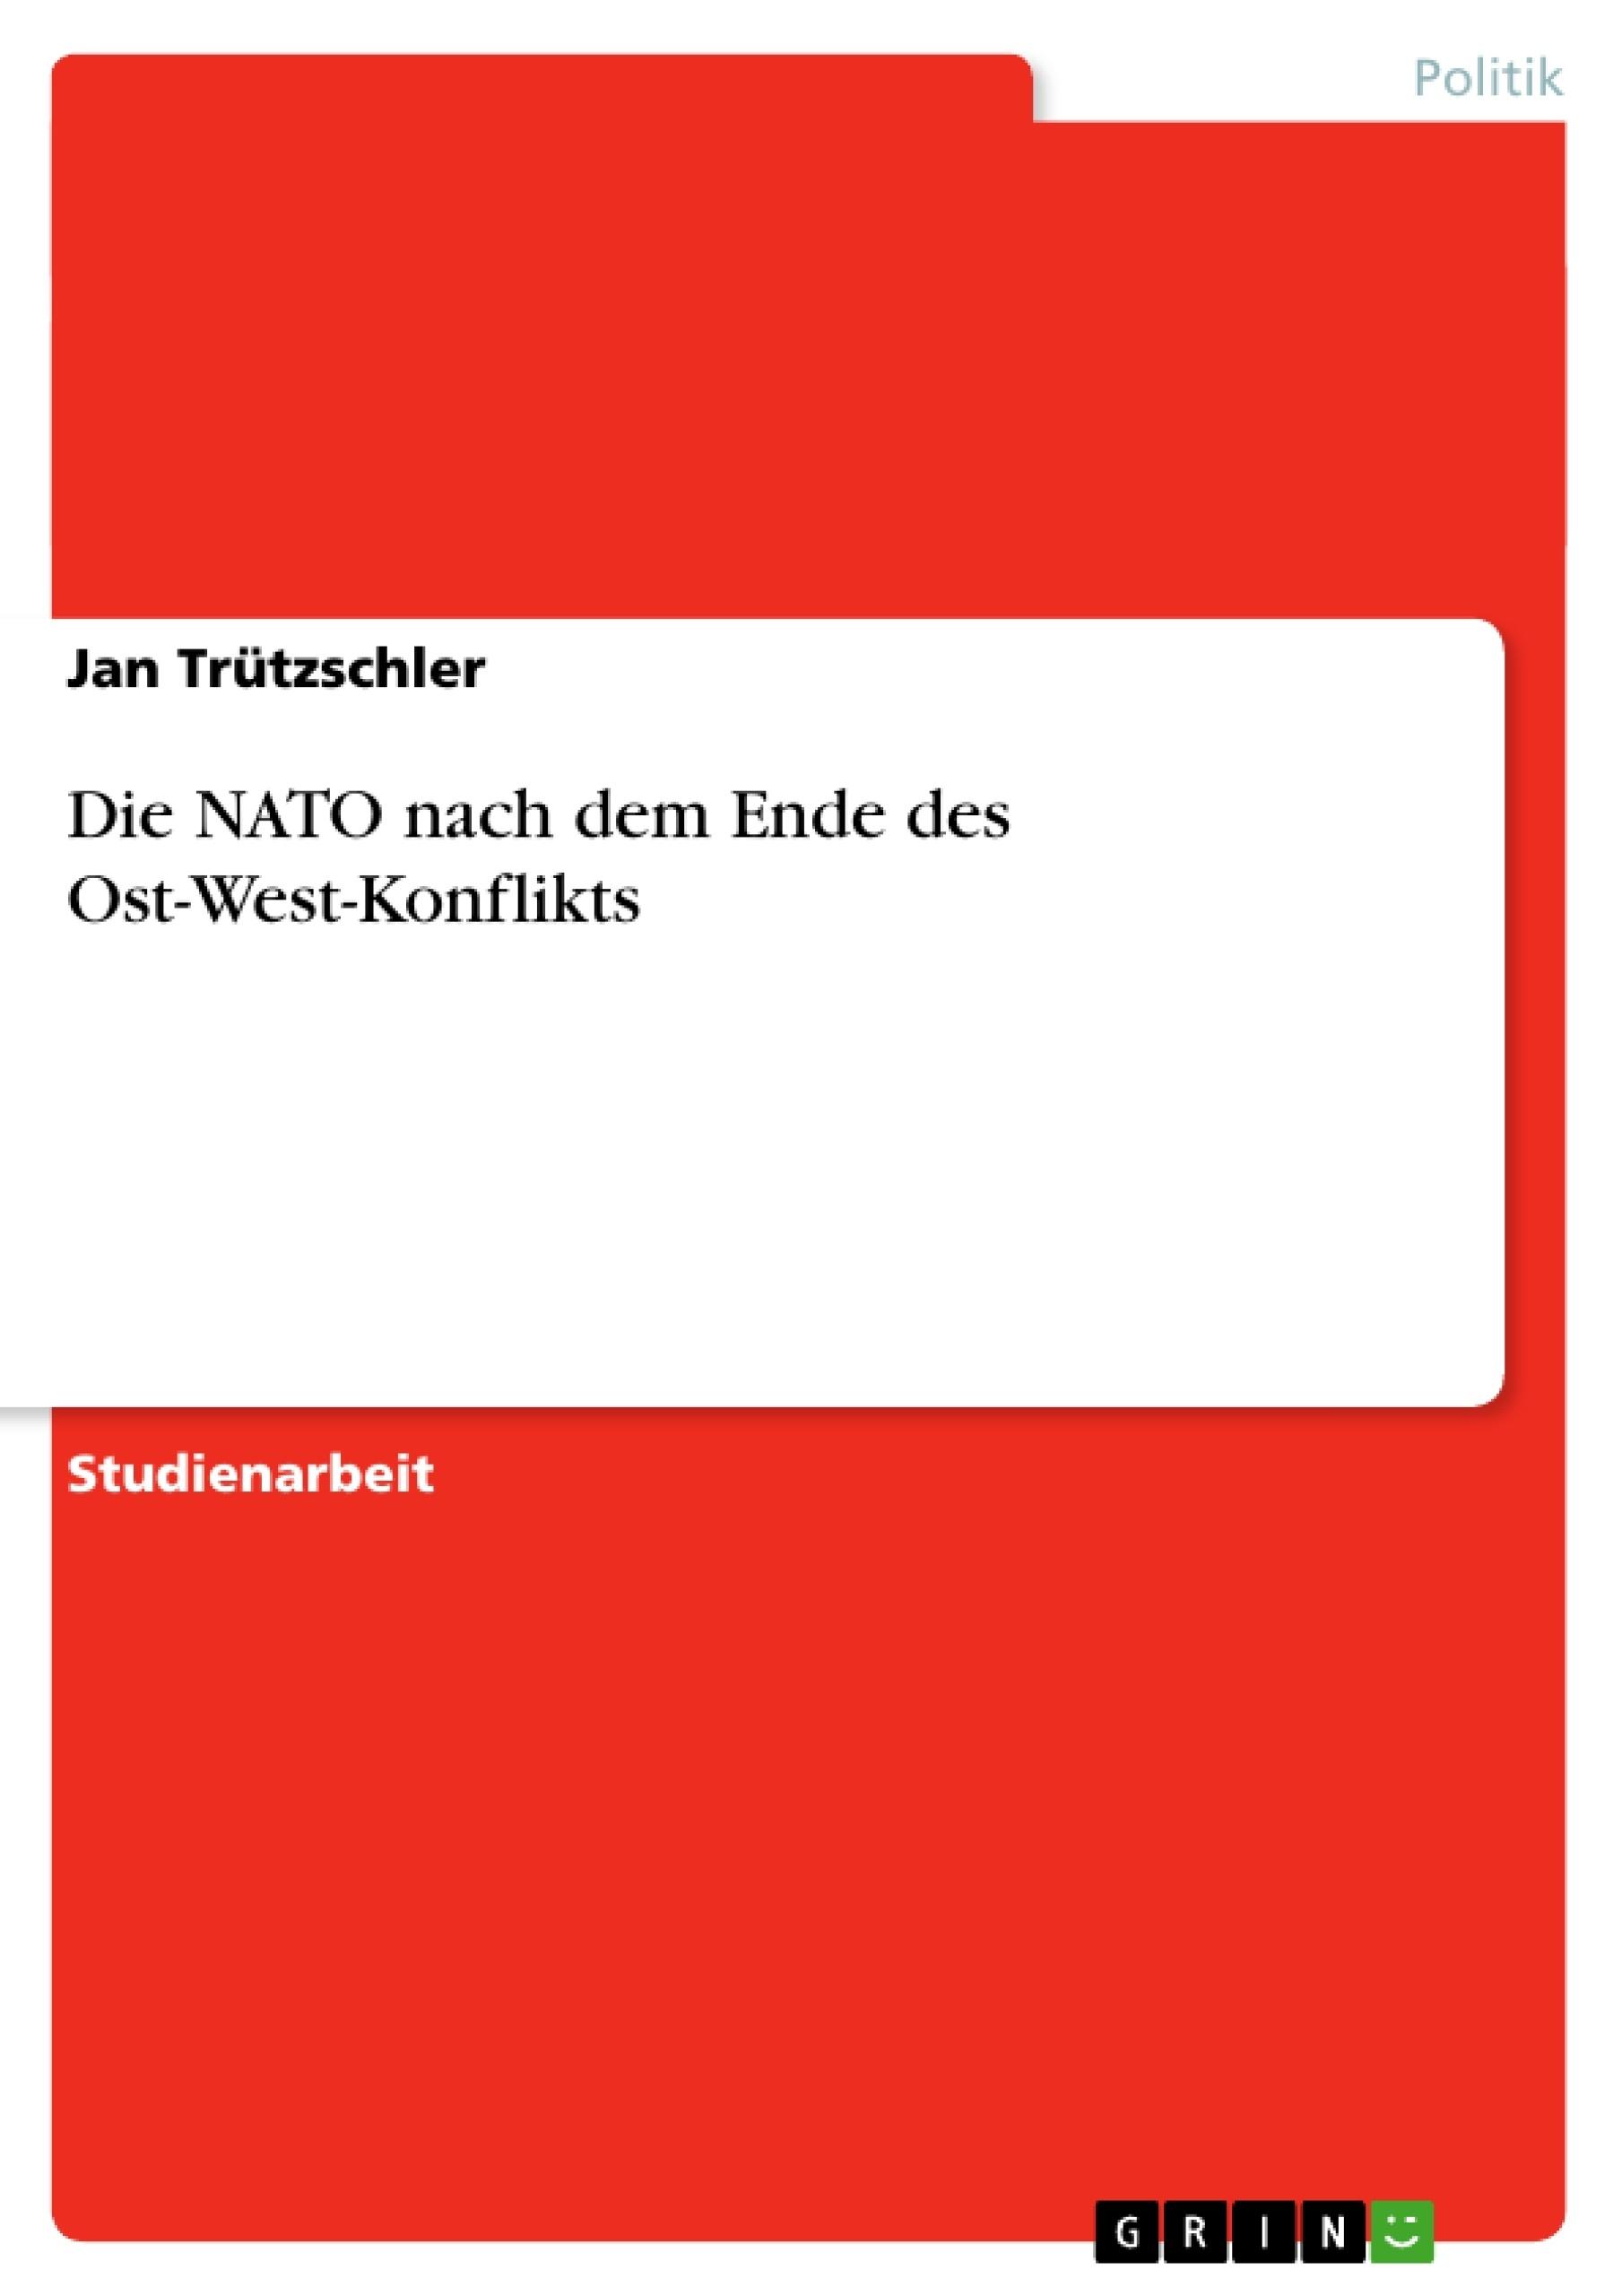 Titel: Die NATO nach dem Ende des Ost-West-Konflikts